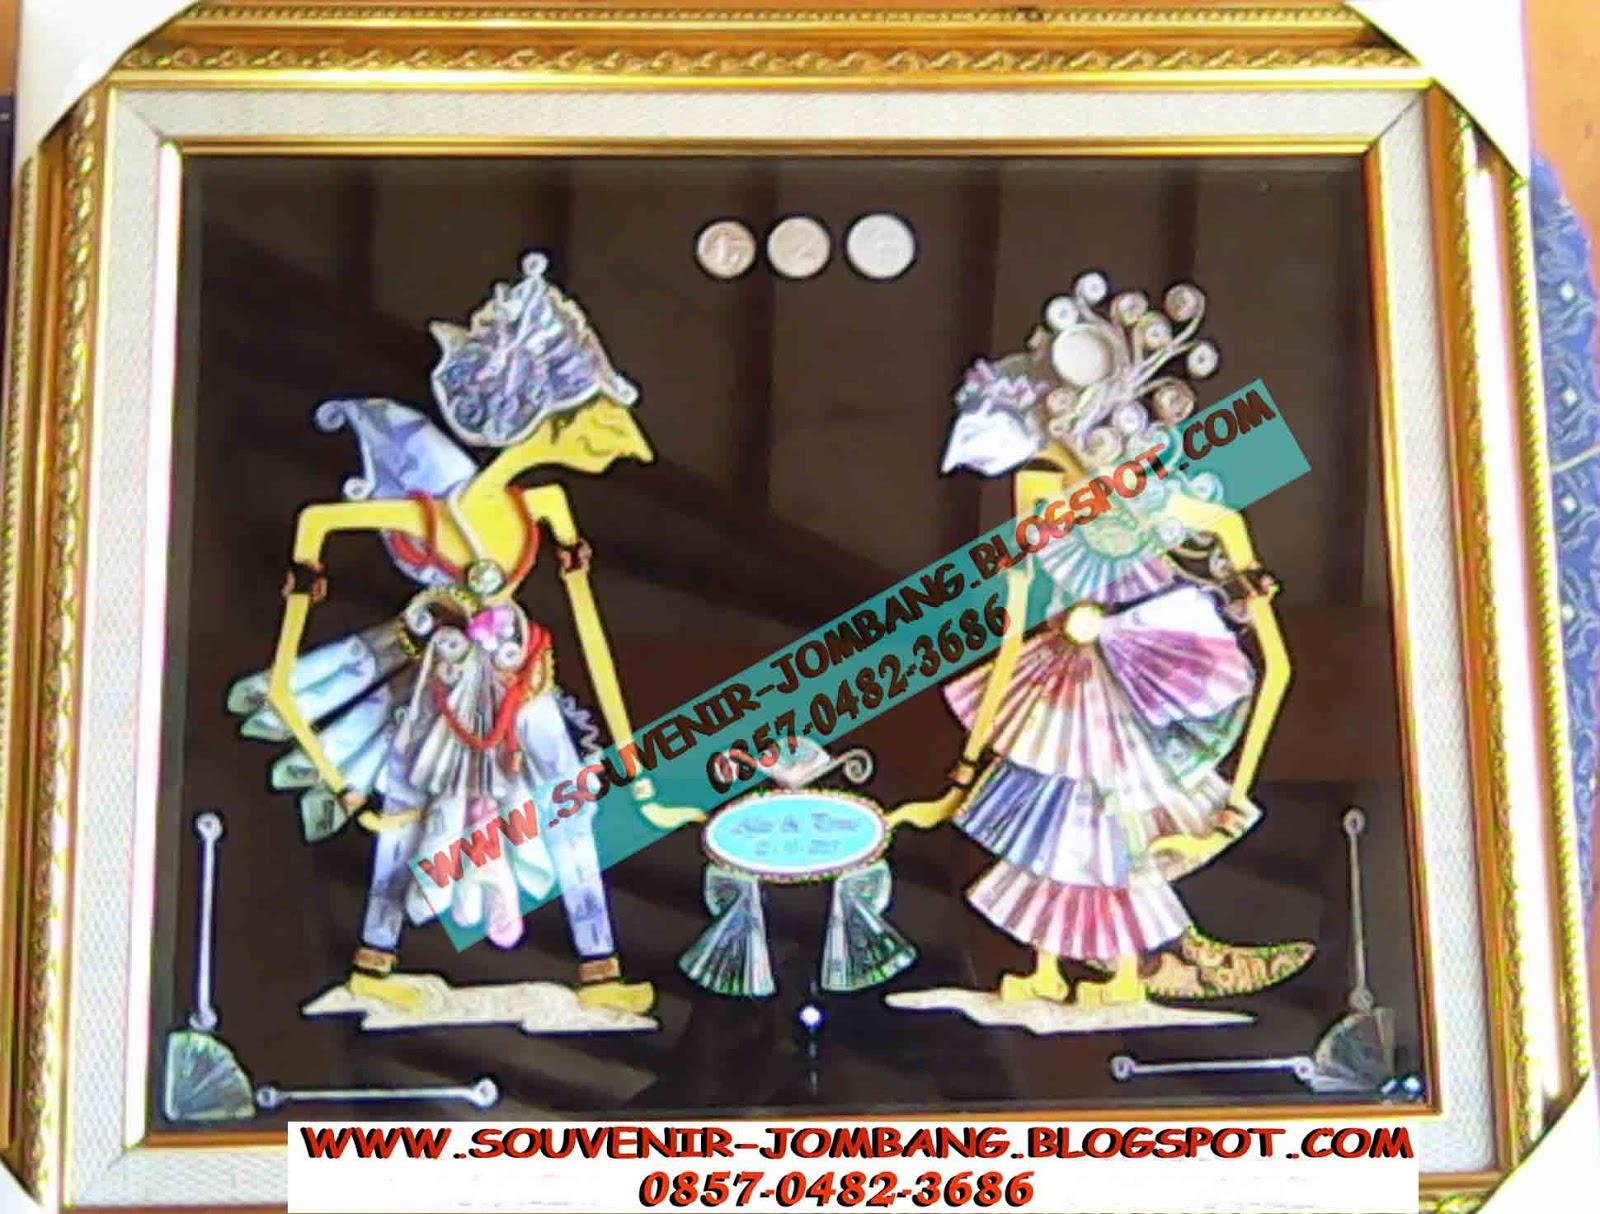 Souvenir Pernikahan Souvenir Pernikahan Jombang Souvenir